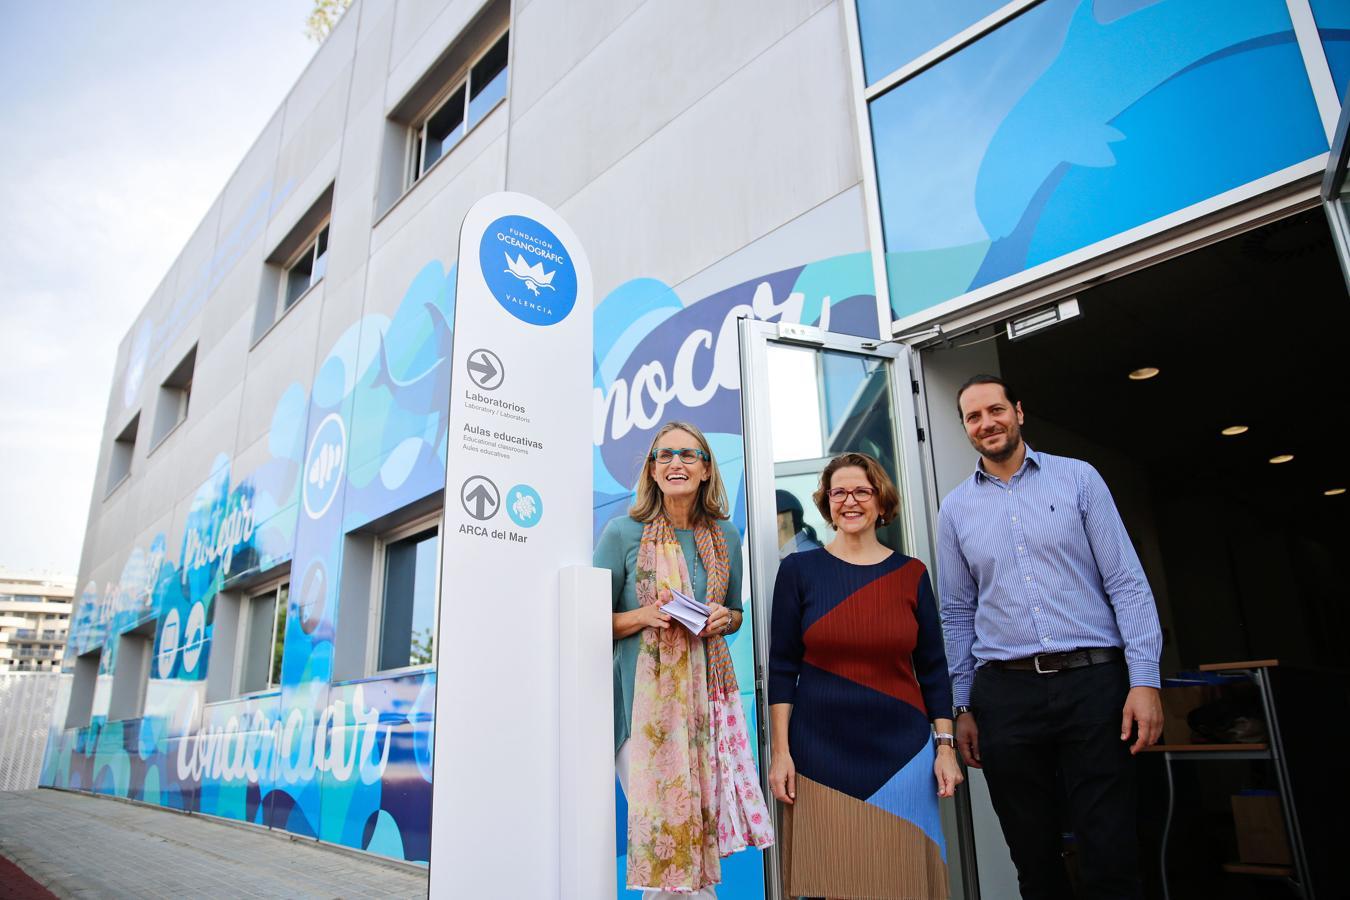 1. Inauguración de la Fundación Oceanogràfic